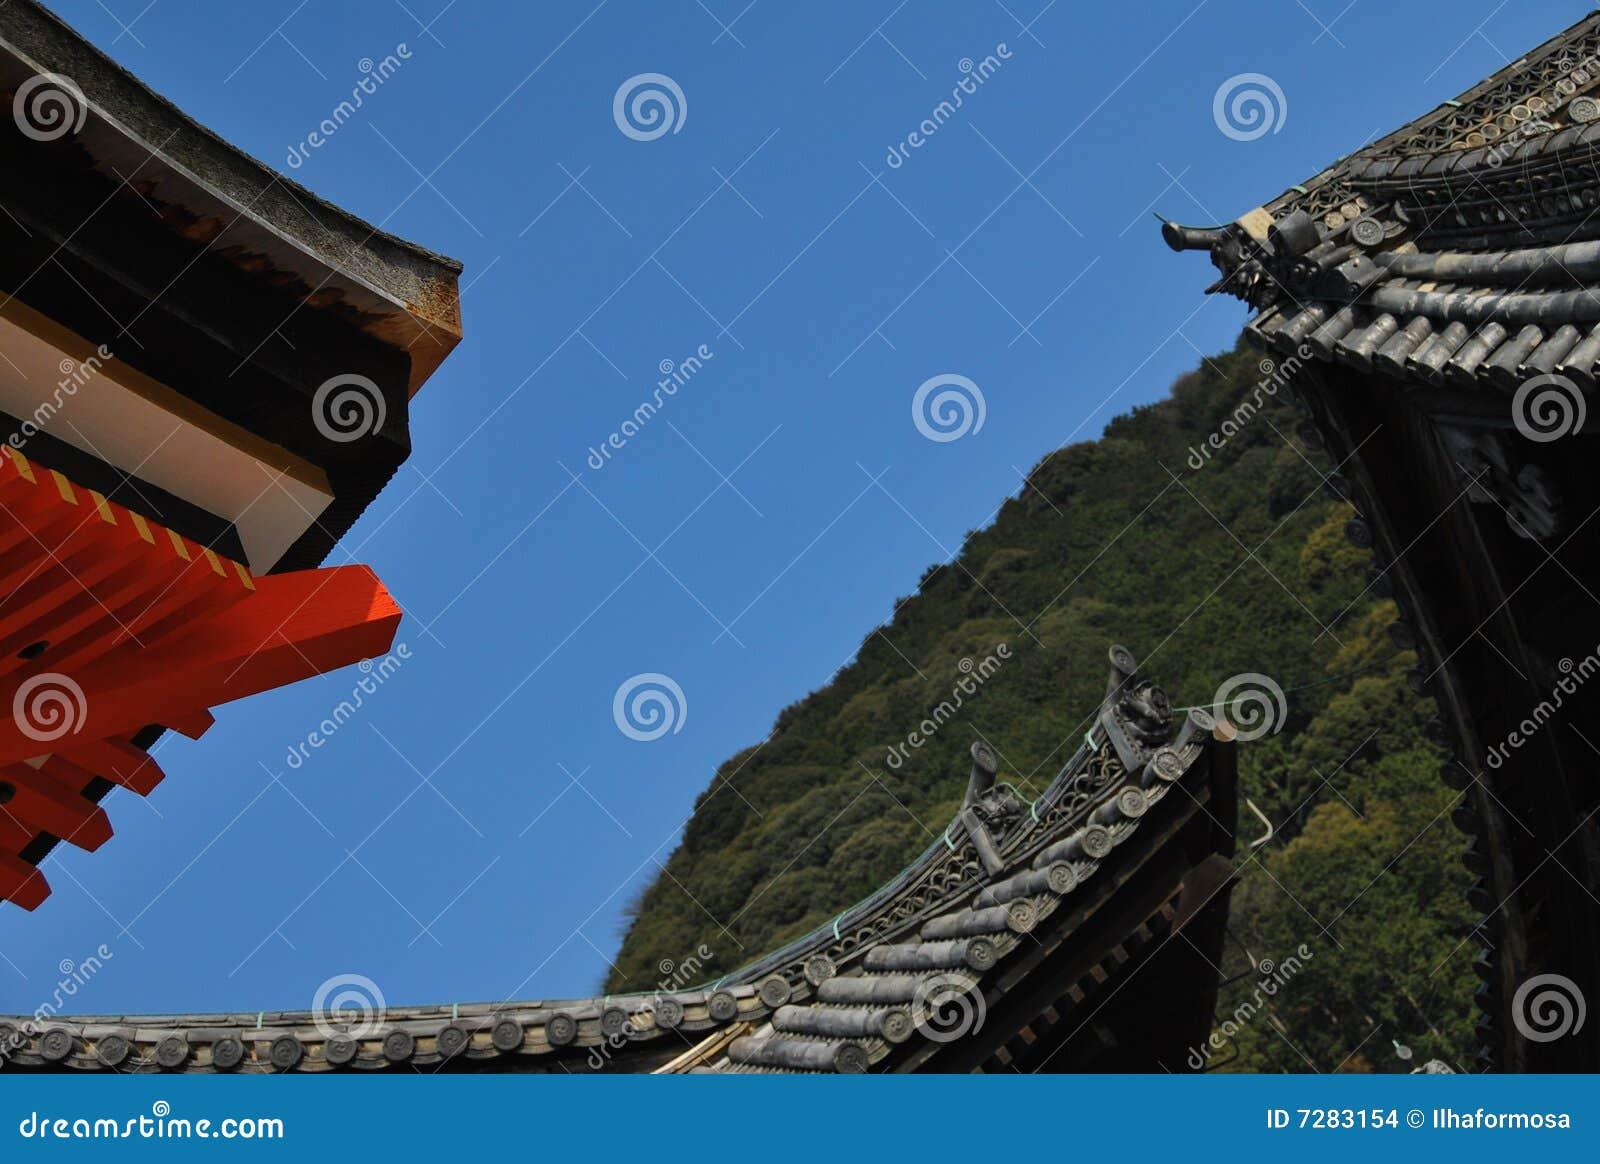 tetti giapponesi fotografia stock immagine di